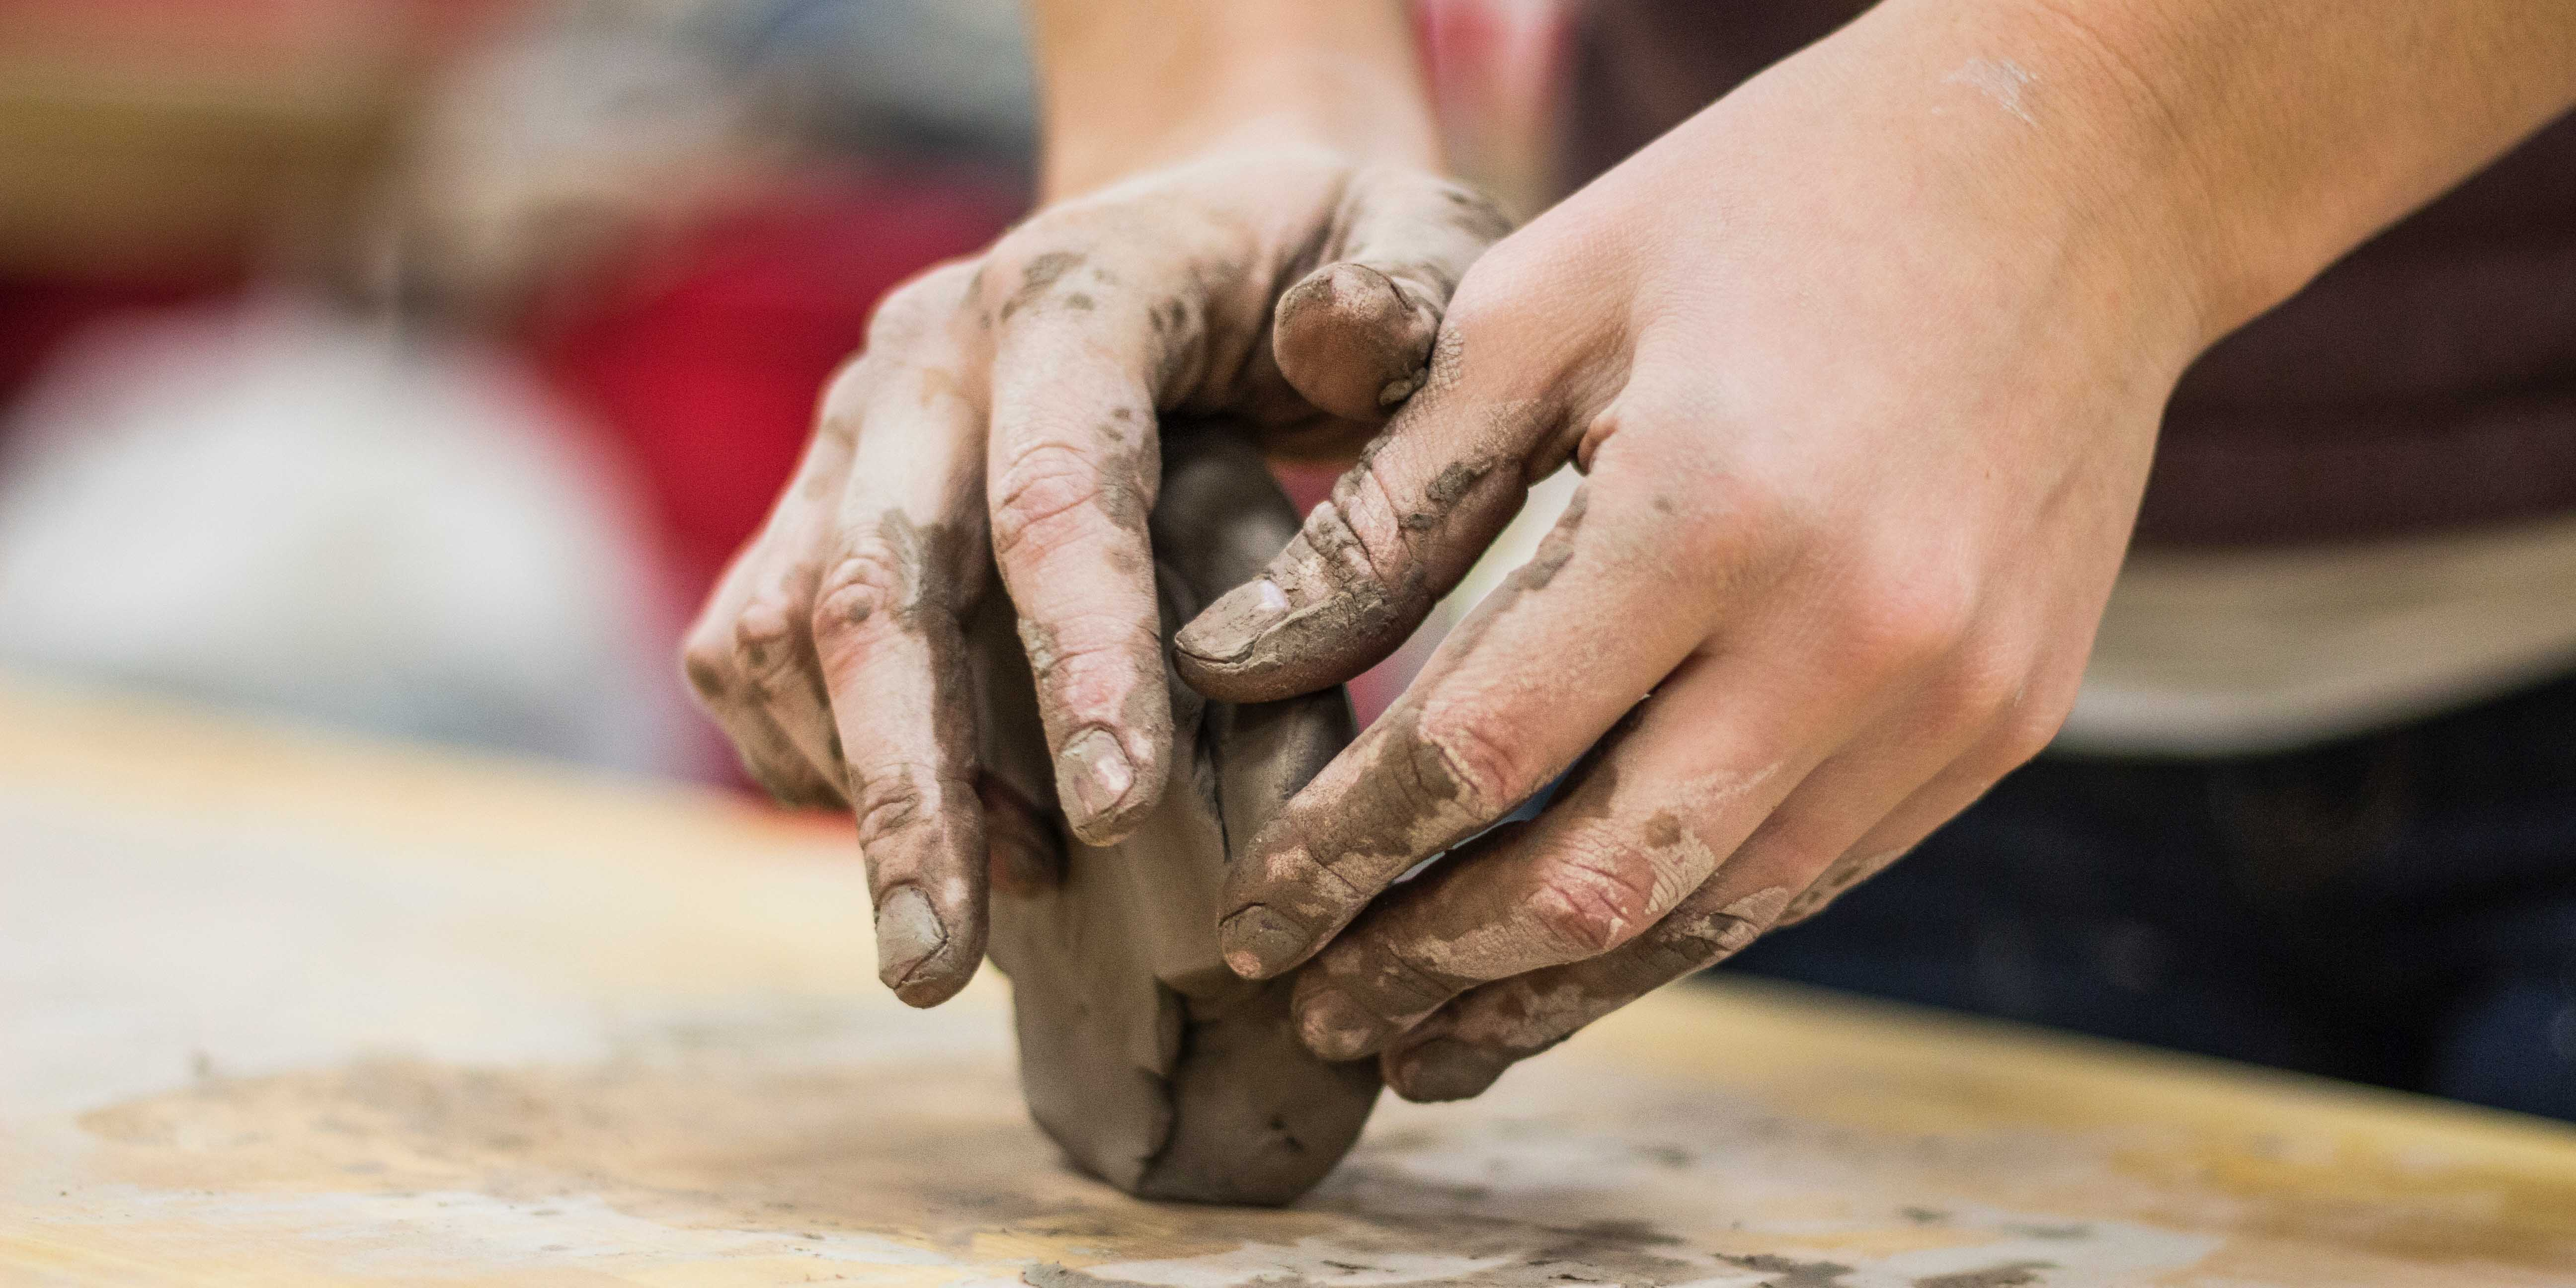 Välkommen att testa olika tekniker som tumma, ringla, skulptera och kavla.